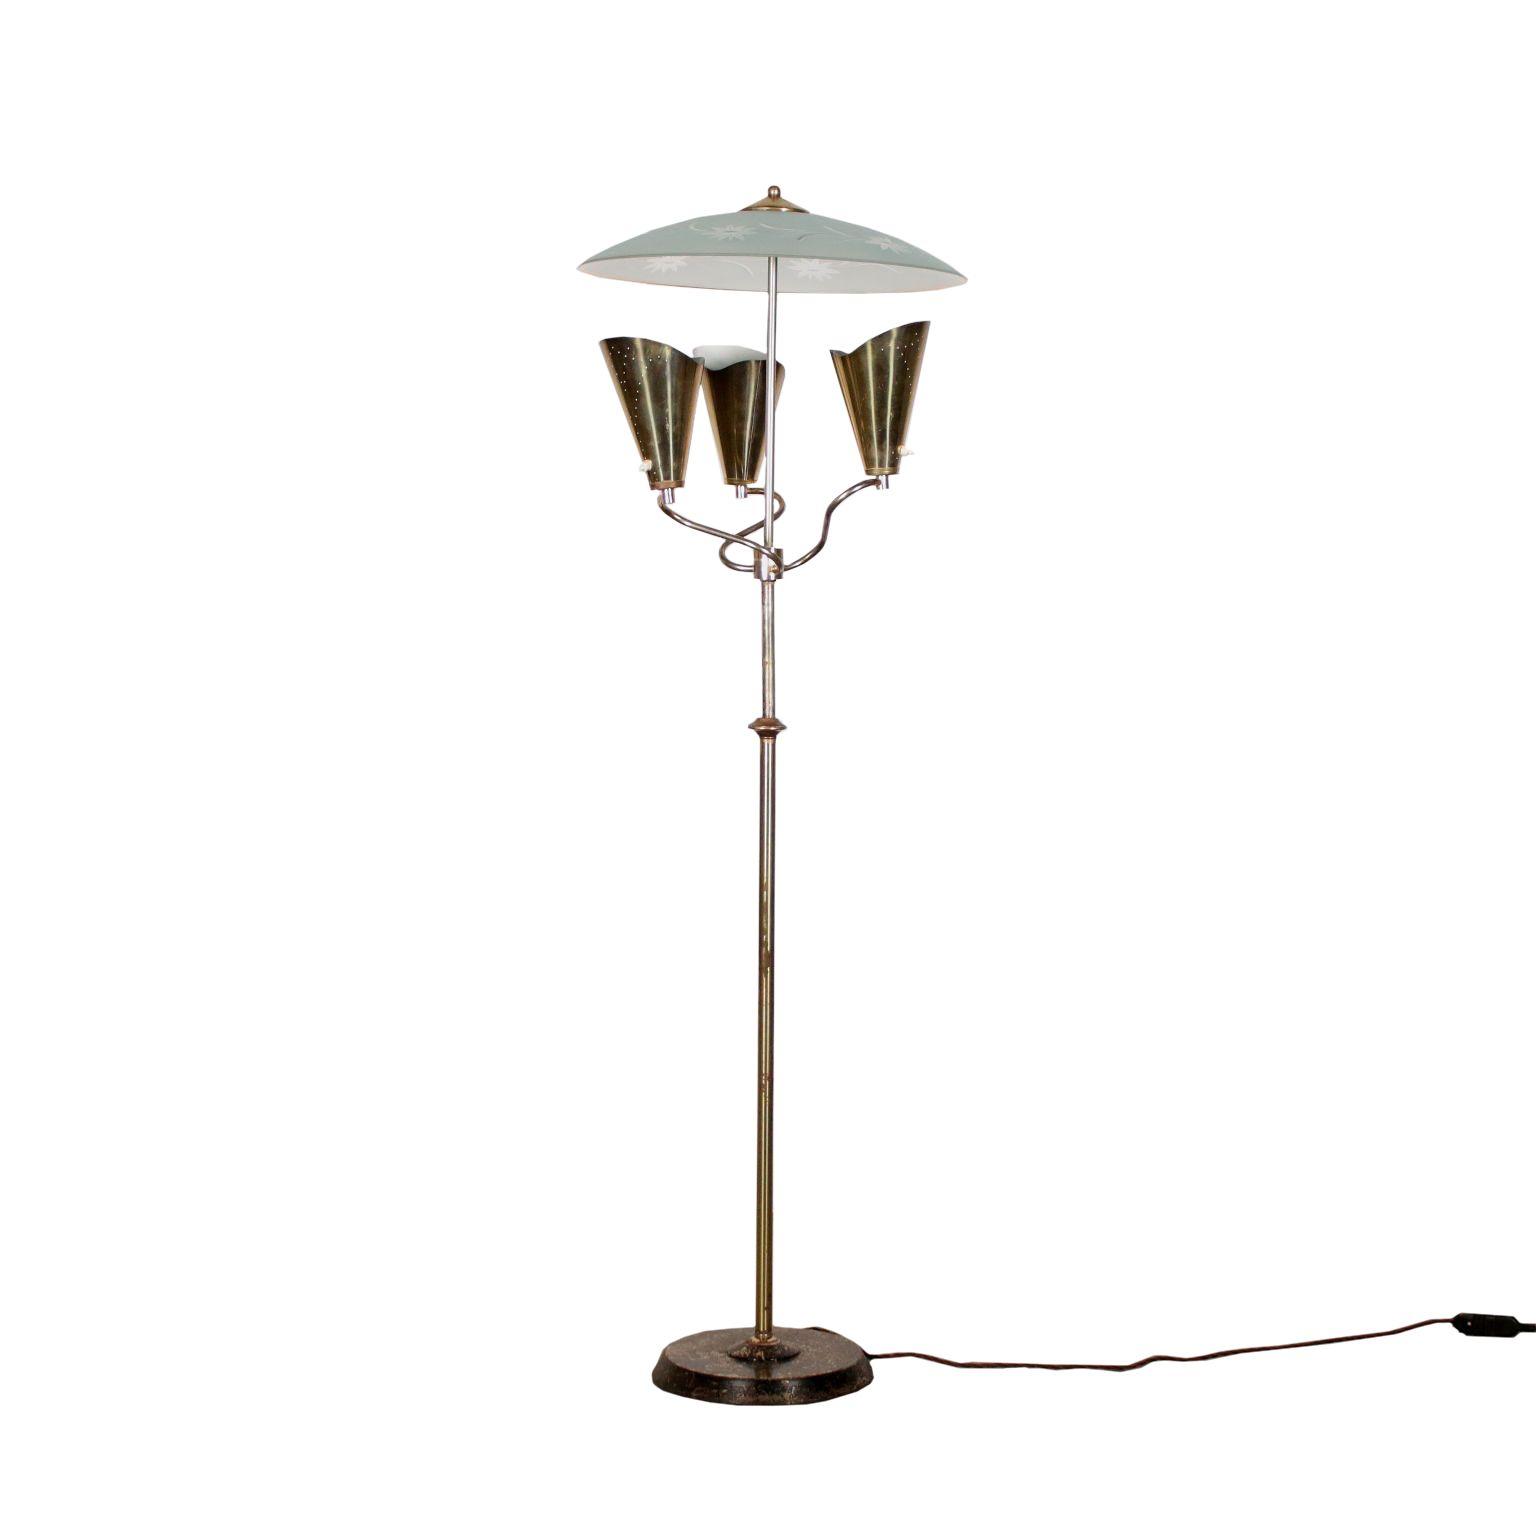 Stehlampe Verchromtes Metall Und Glas Italien 60er Jahre Vintage